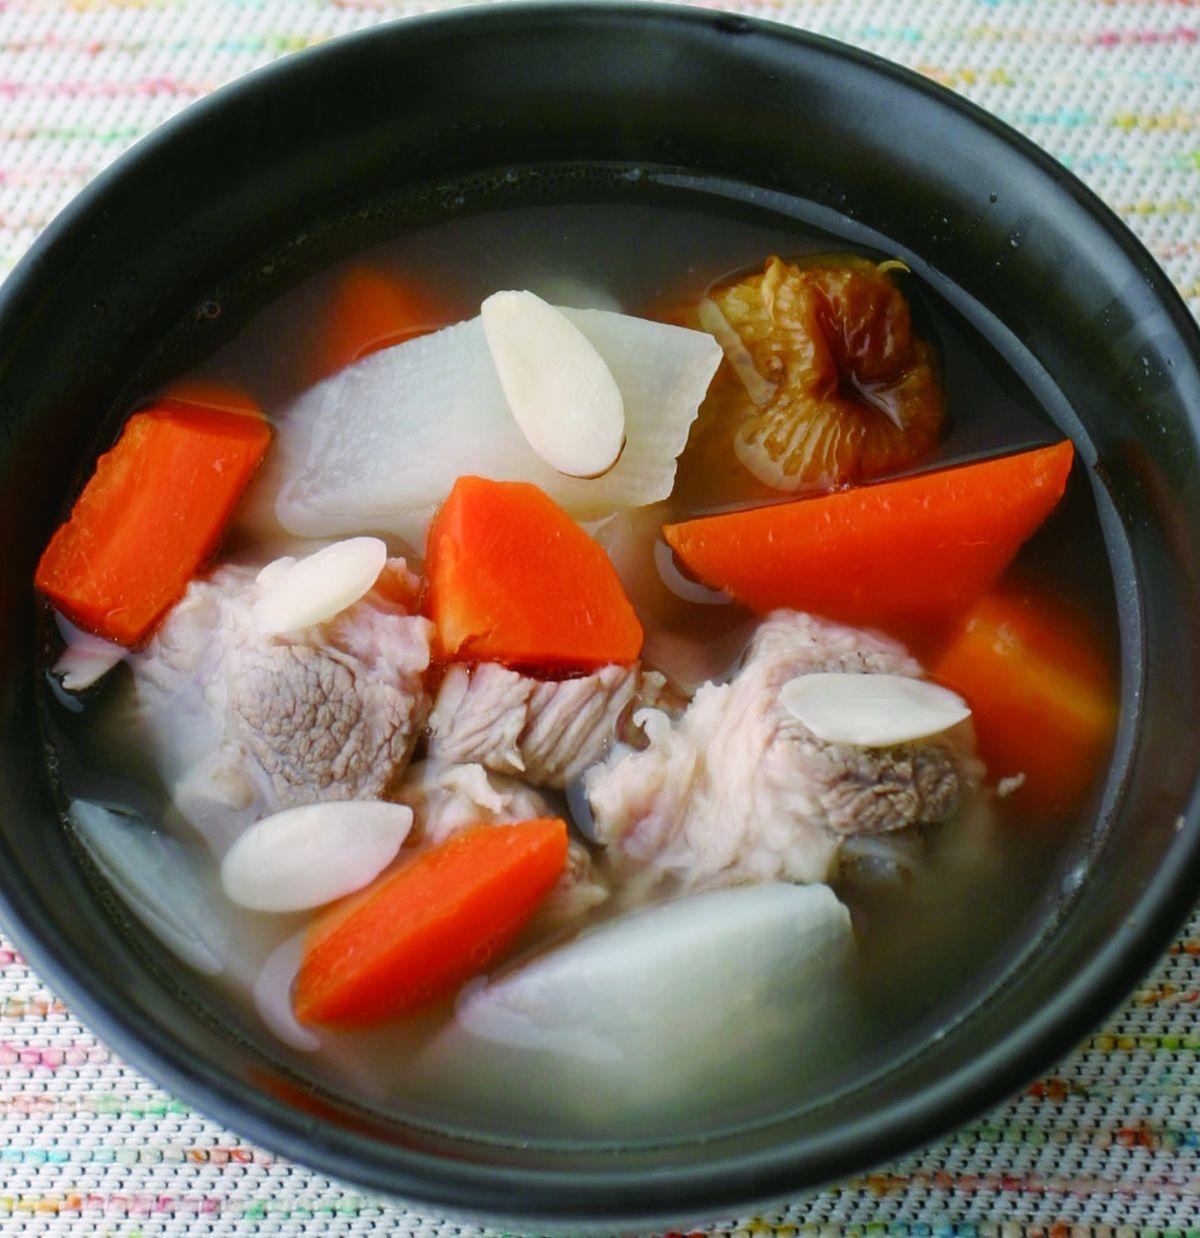 食譜:紅白蘿蔔肉骨湯